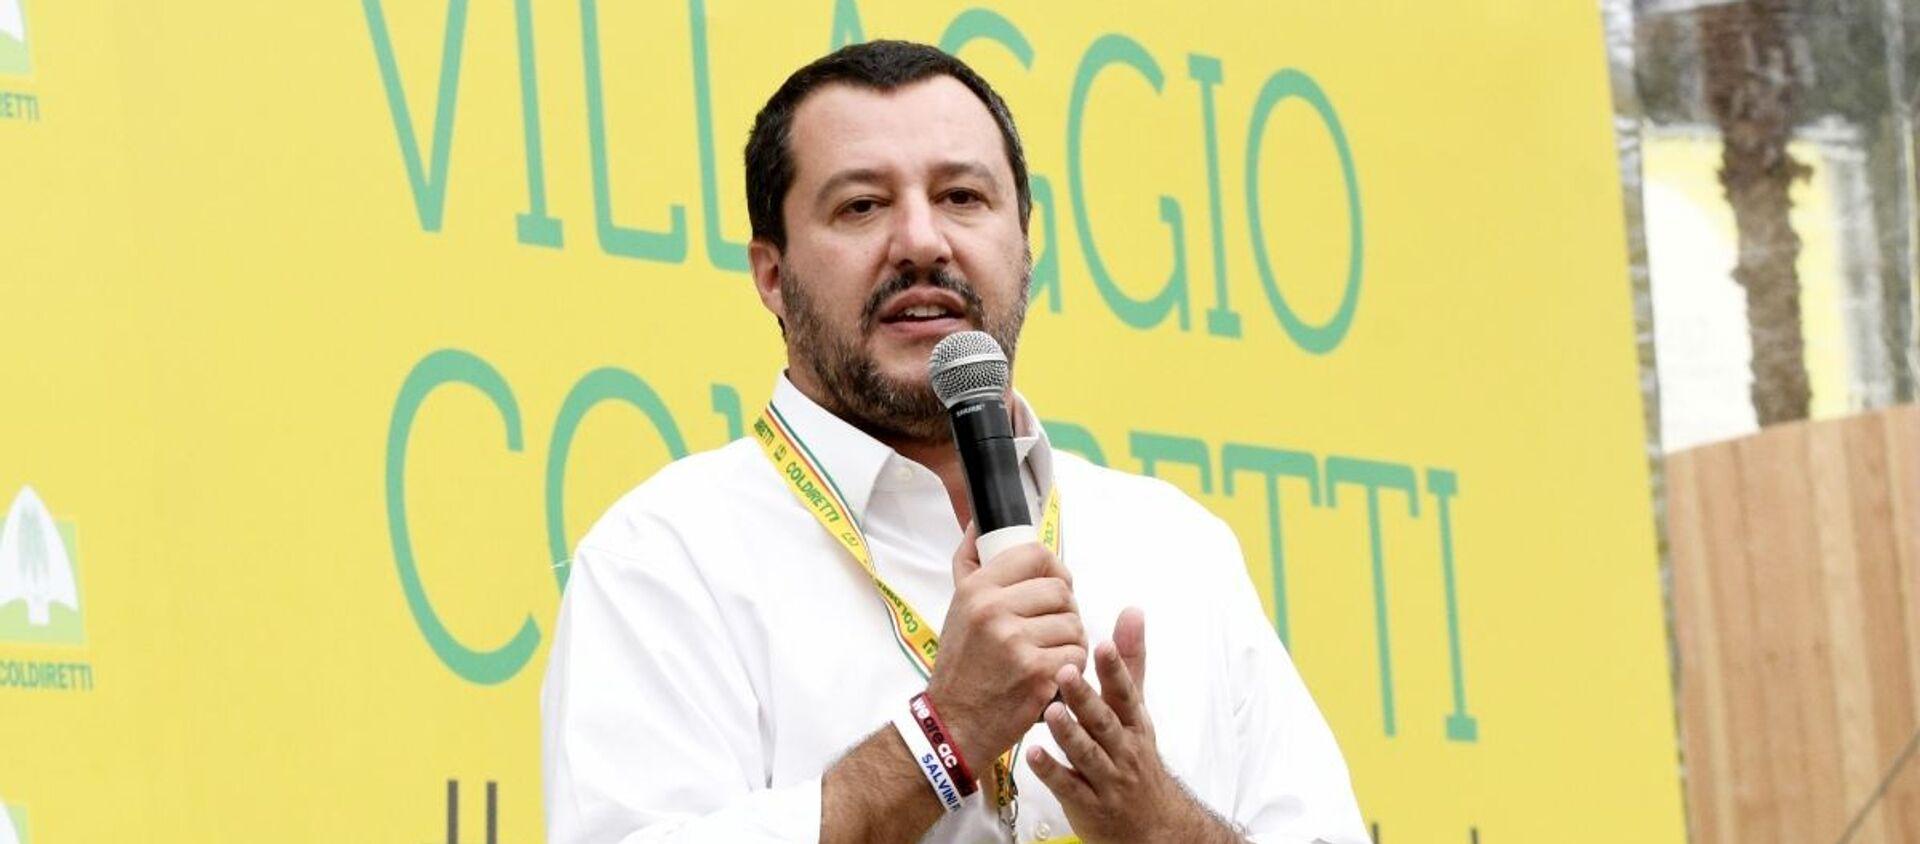 Matteo Salvini  - Sputnik Italia, 1920, 03.10.2020